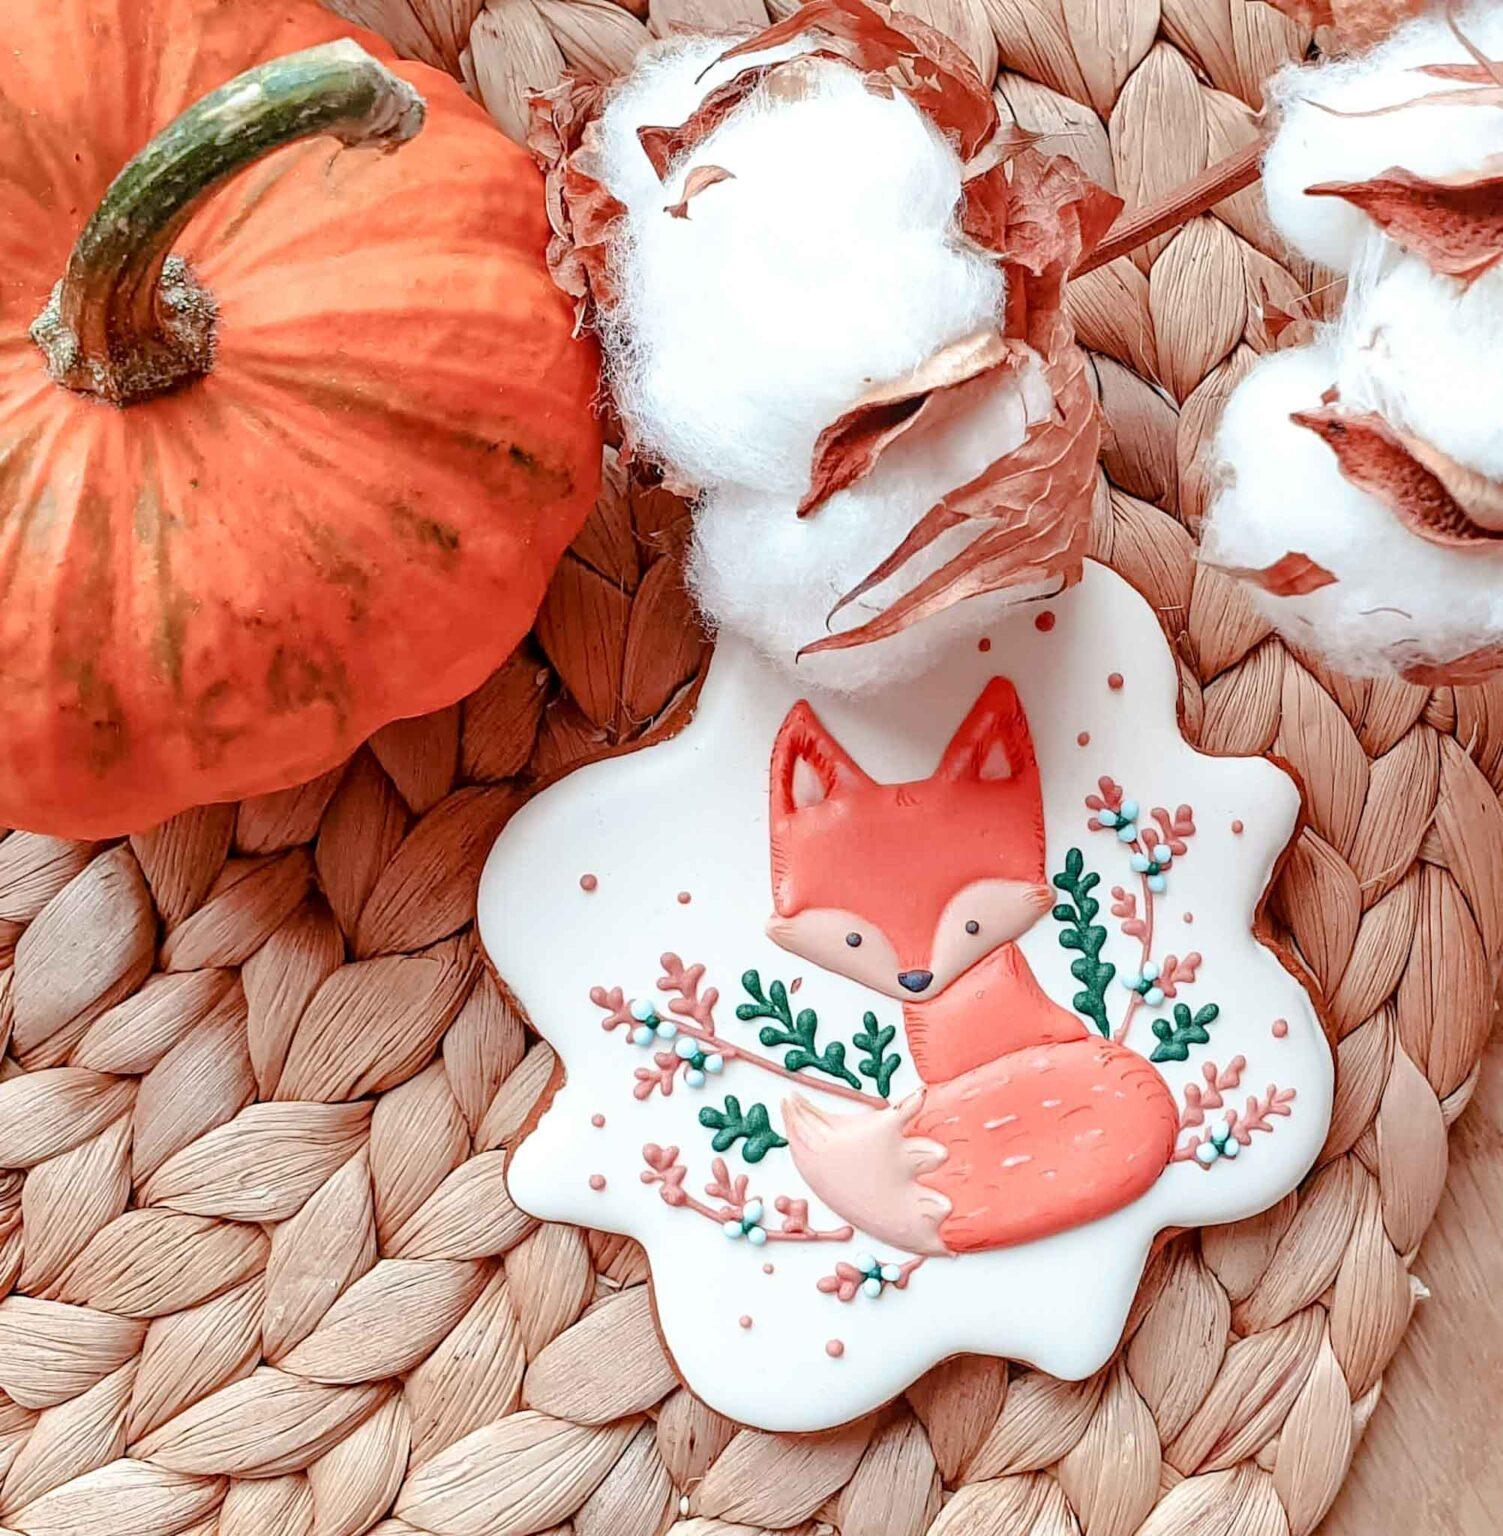 Ciastka&pierniki ręcznie robione, dekorowane lukrem. Idealne na różne okazje:imieniny i urodziny, baby shower, śluby i chrzty, walentynki, dzień kobiet, dzień babci i dziadka, święta